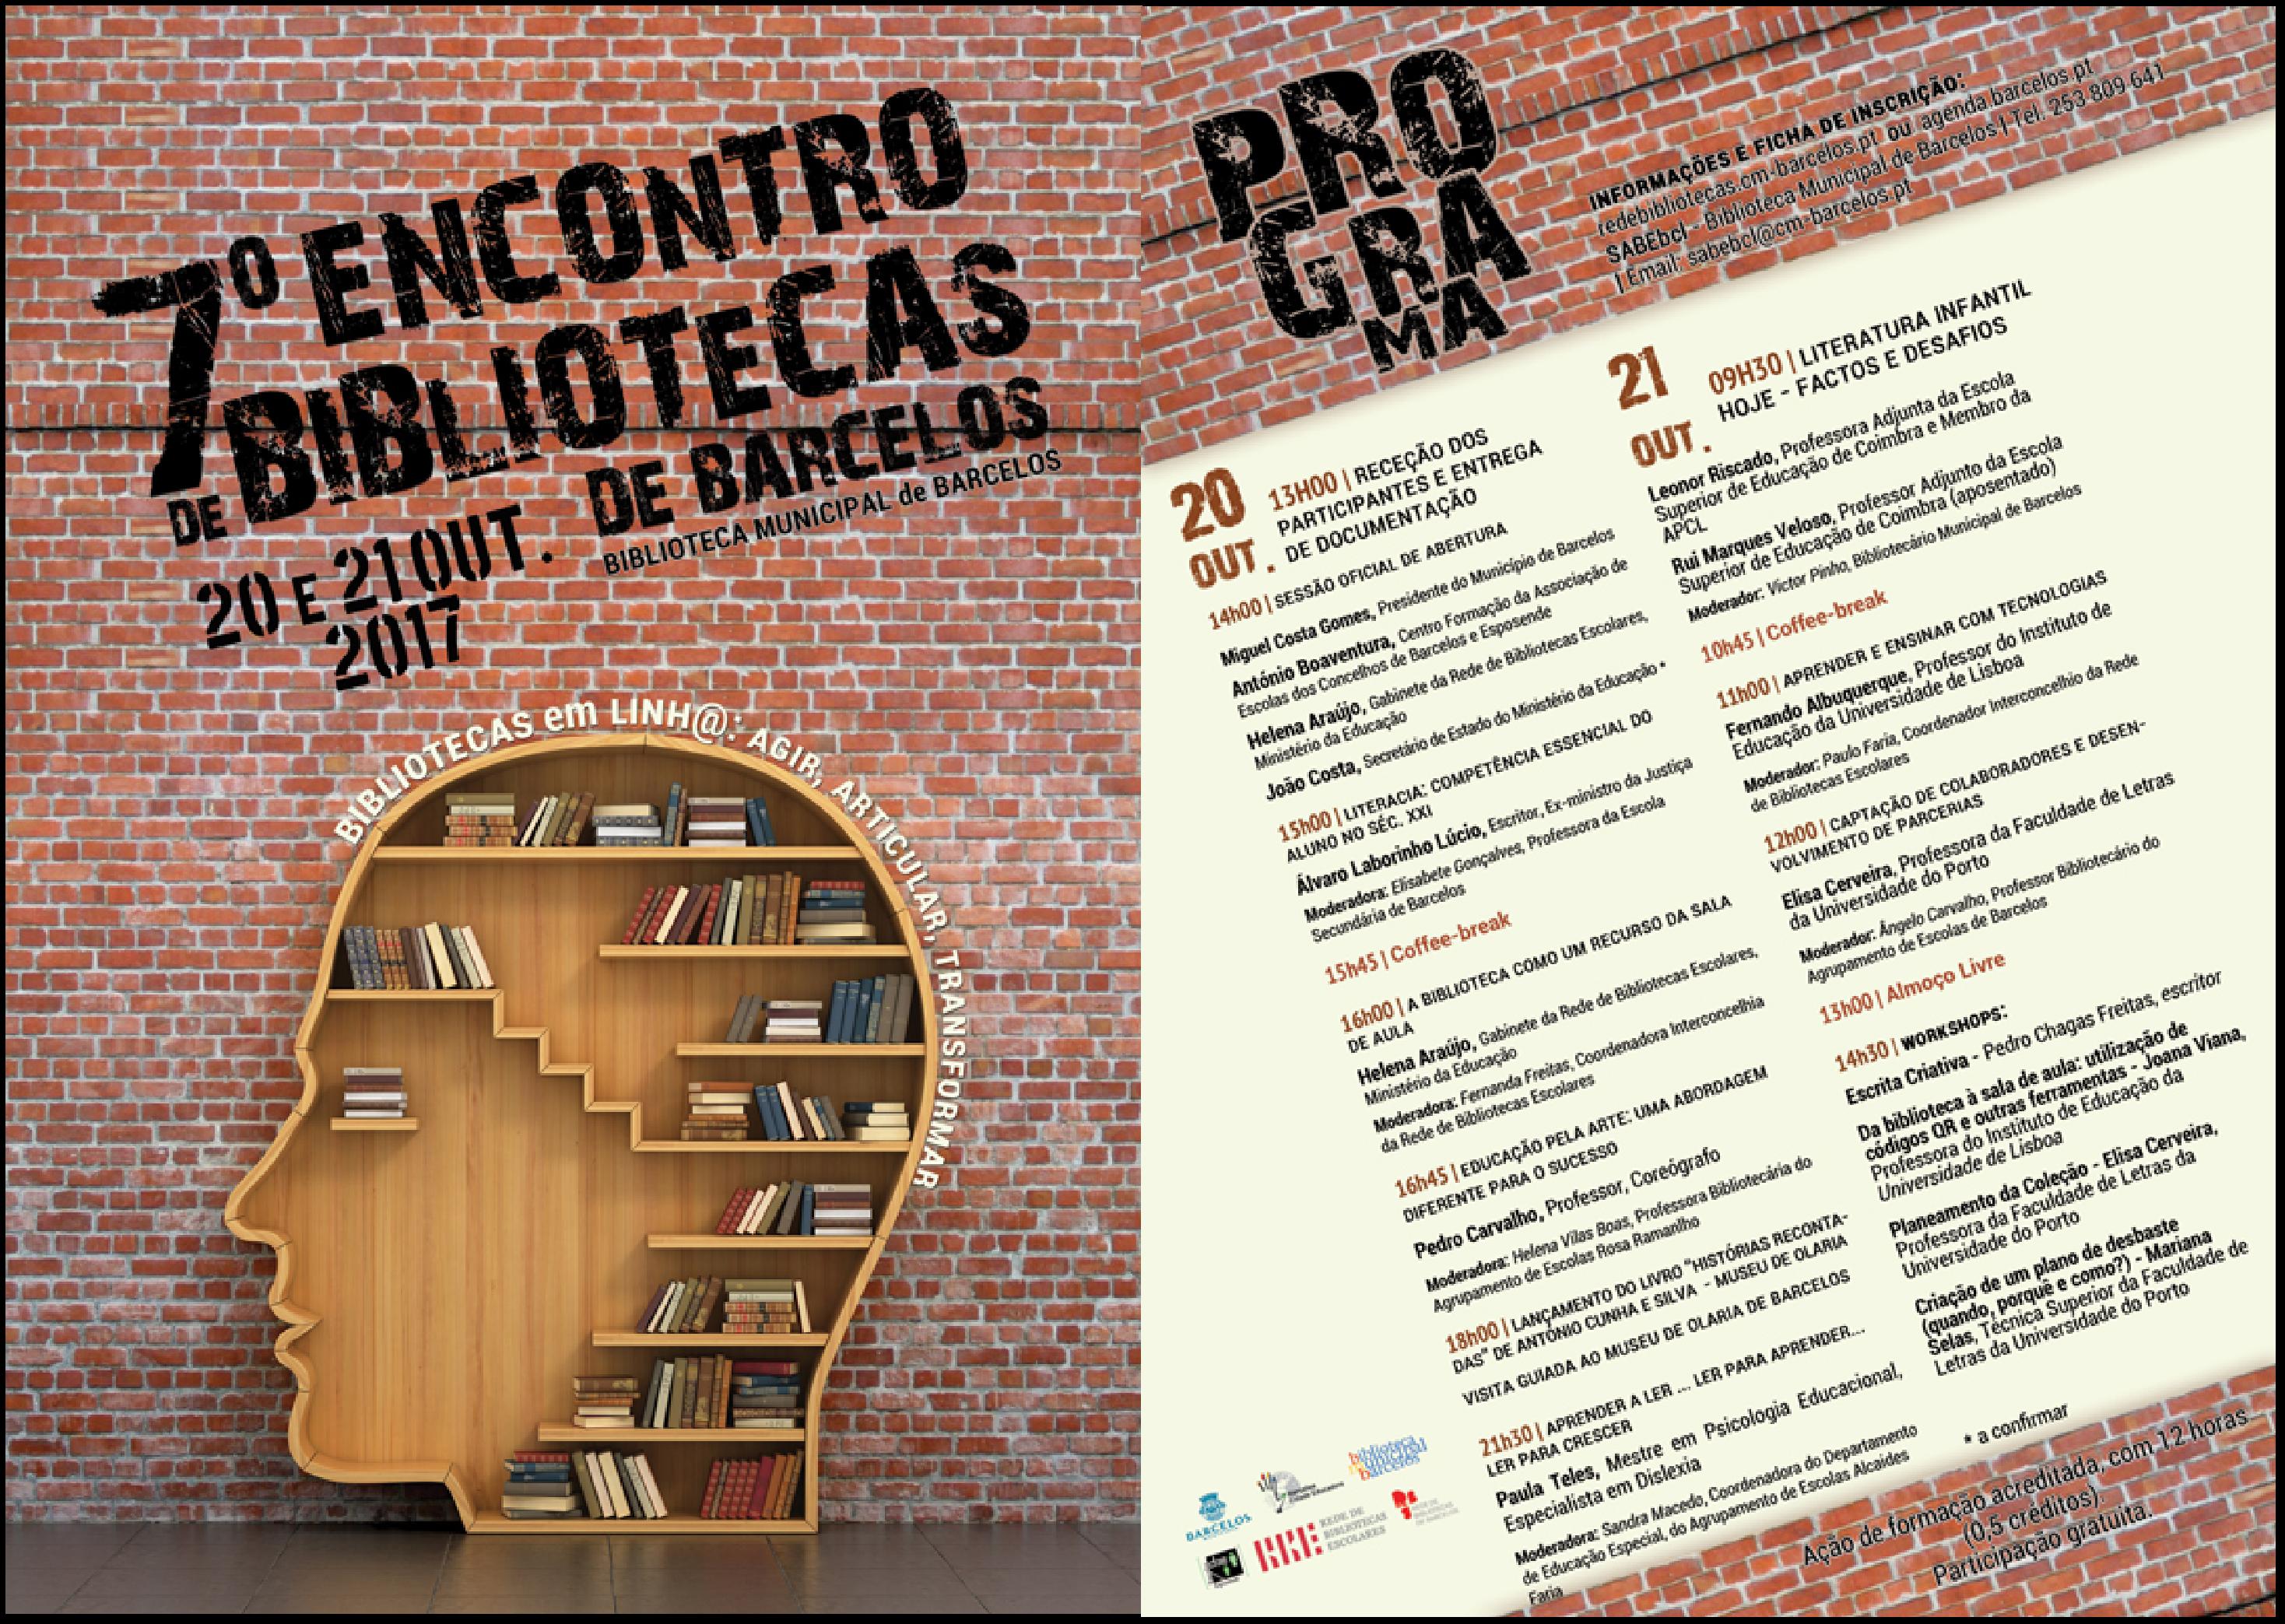 Município de Barcelos promove 7.º Encontro de Bibliotecas de Barcelos